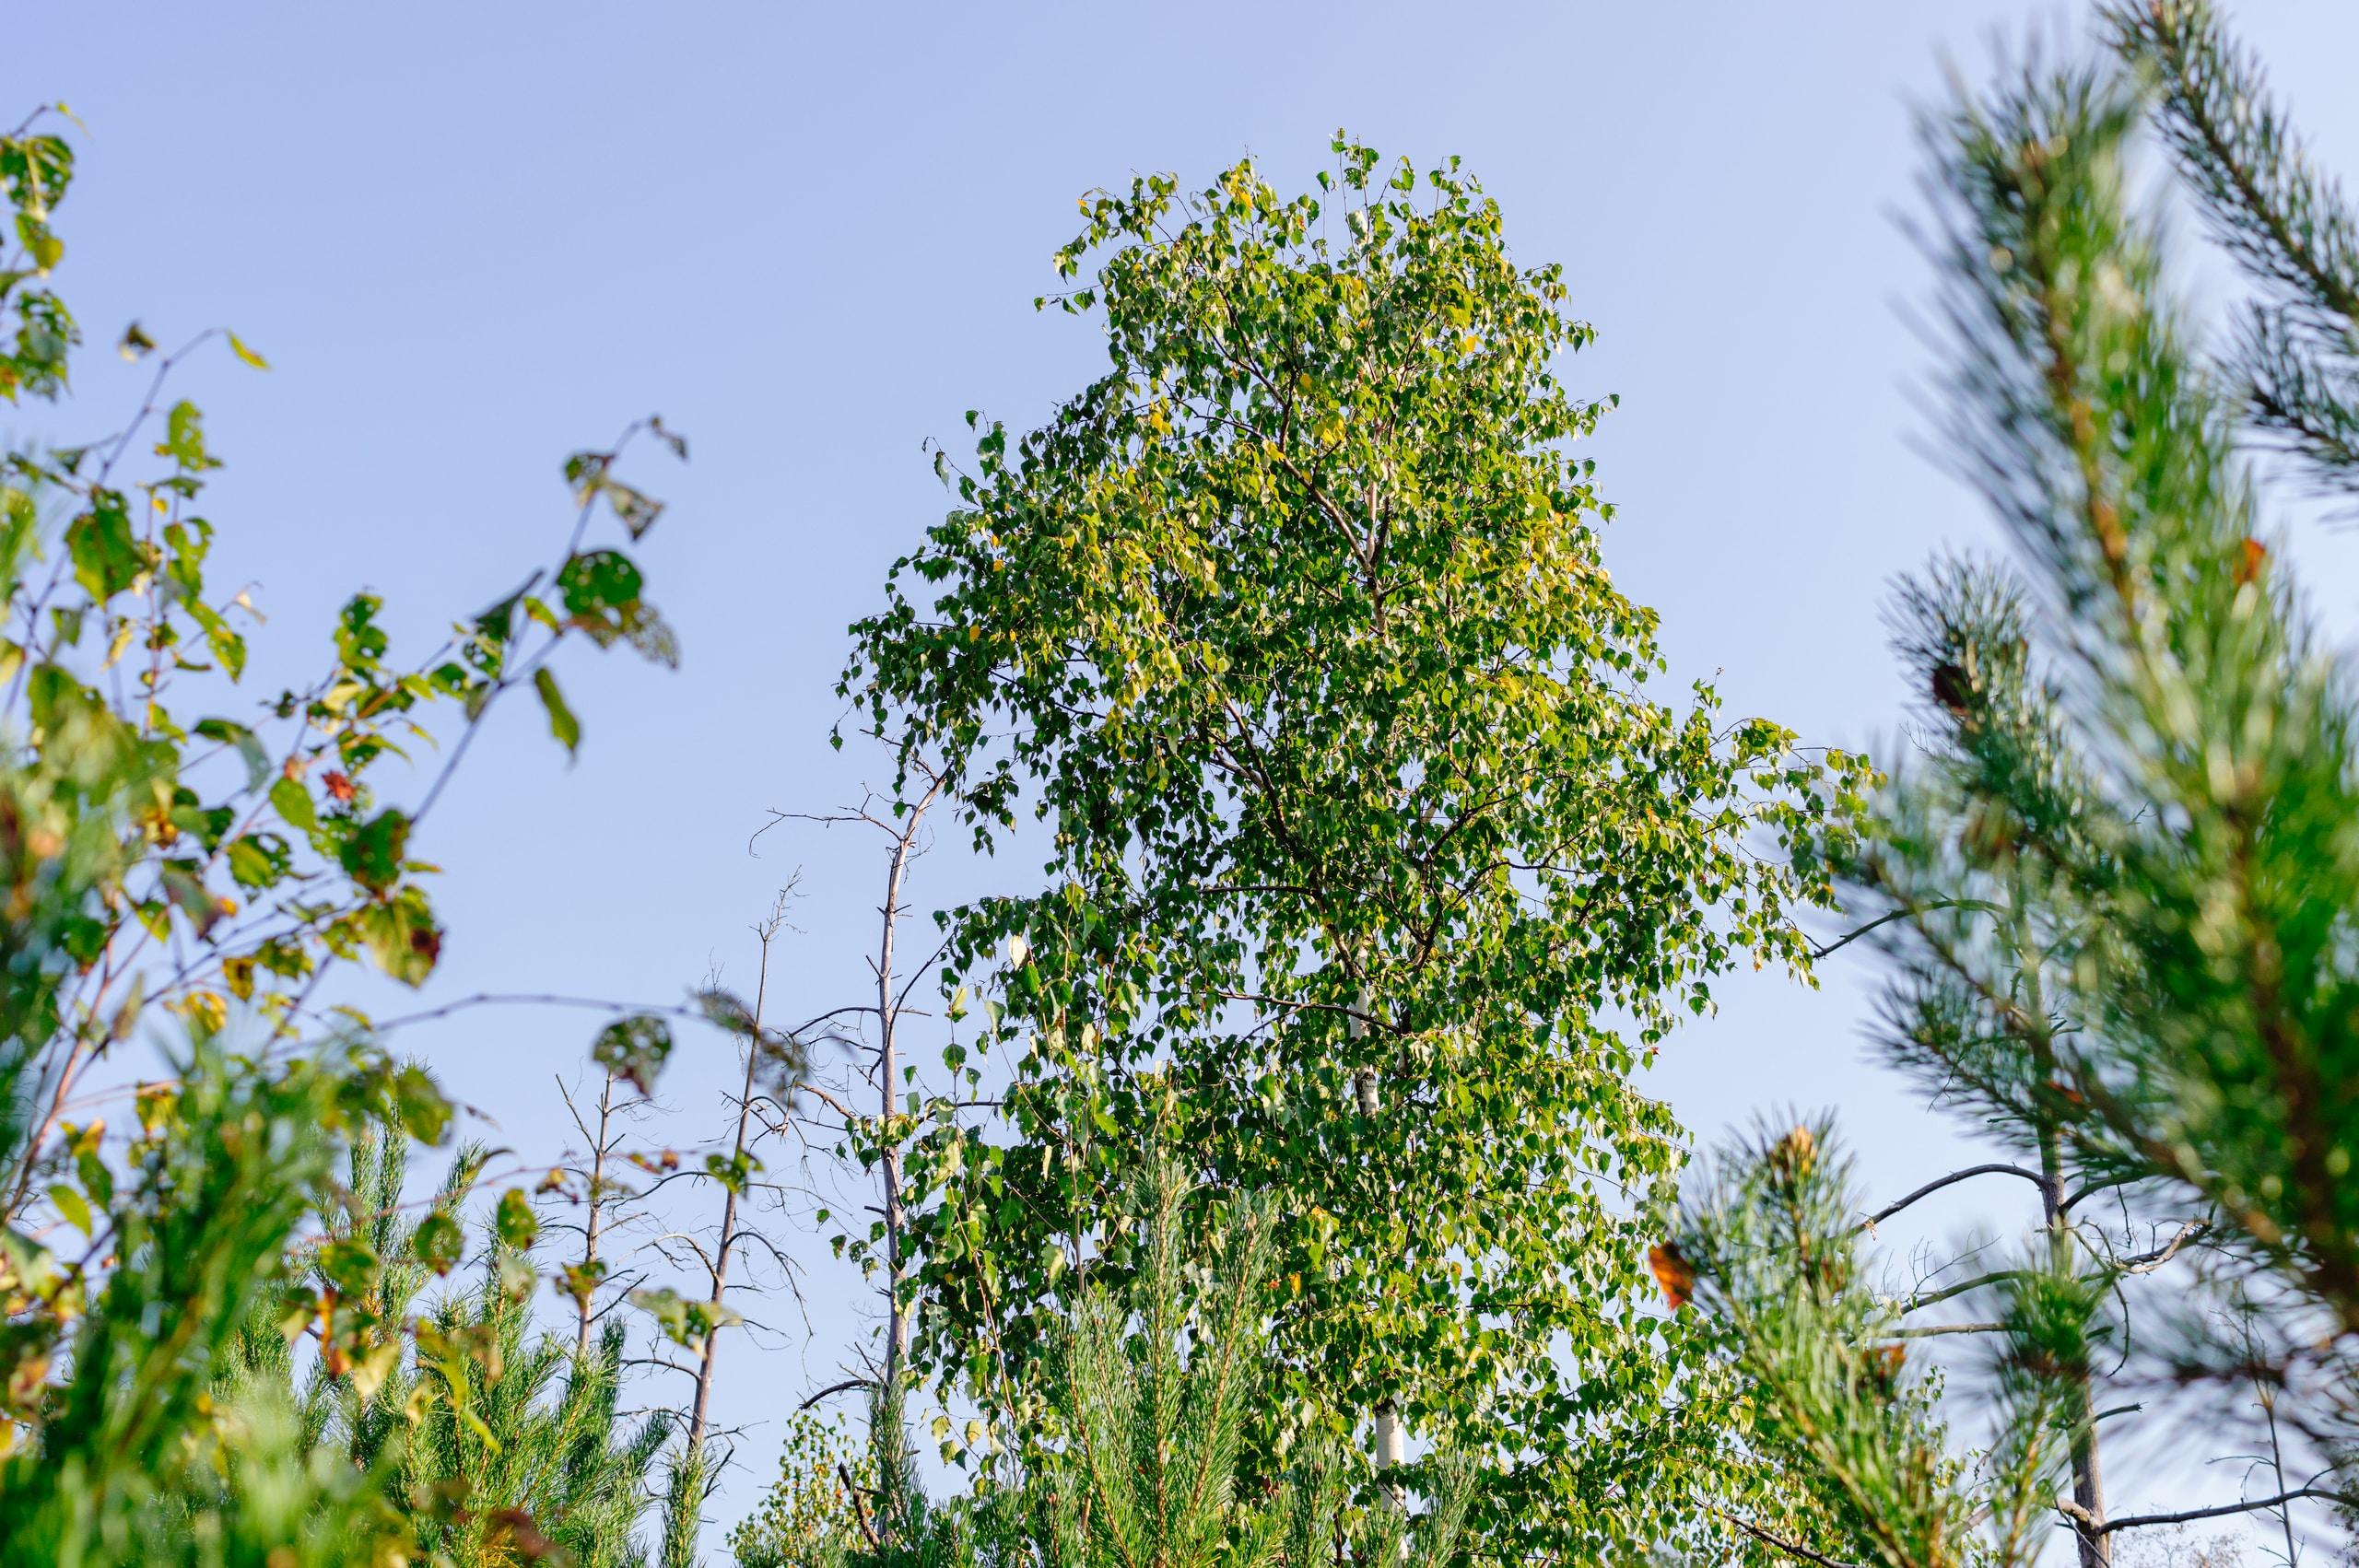 Pirmieji rudens ženklai Dubravos pelkėje - Vilmantas Ramonas